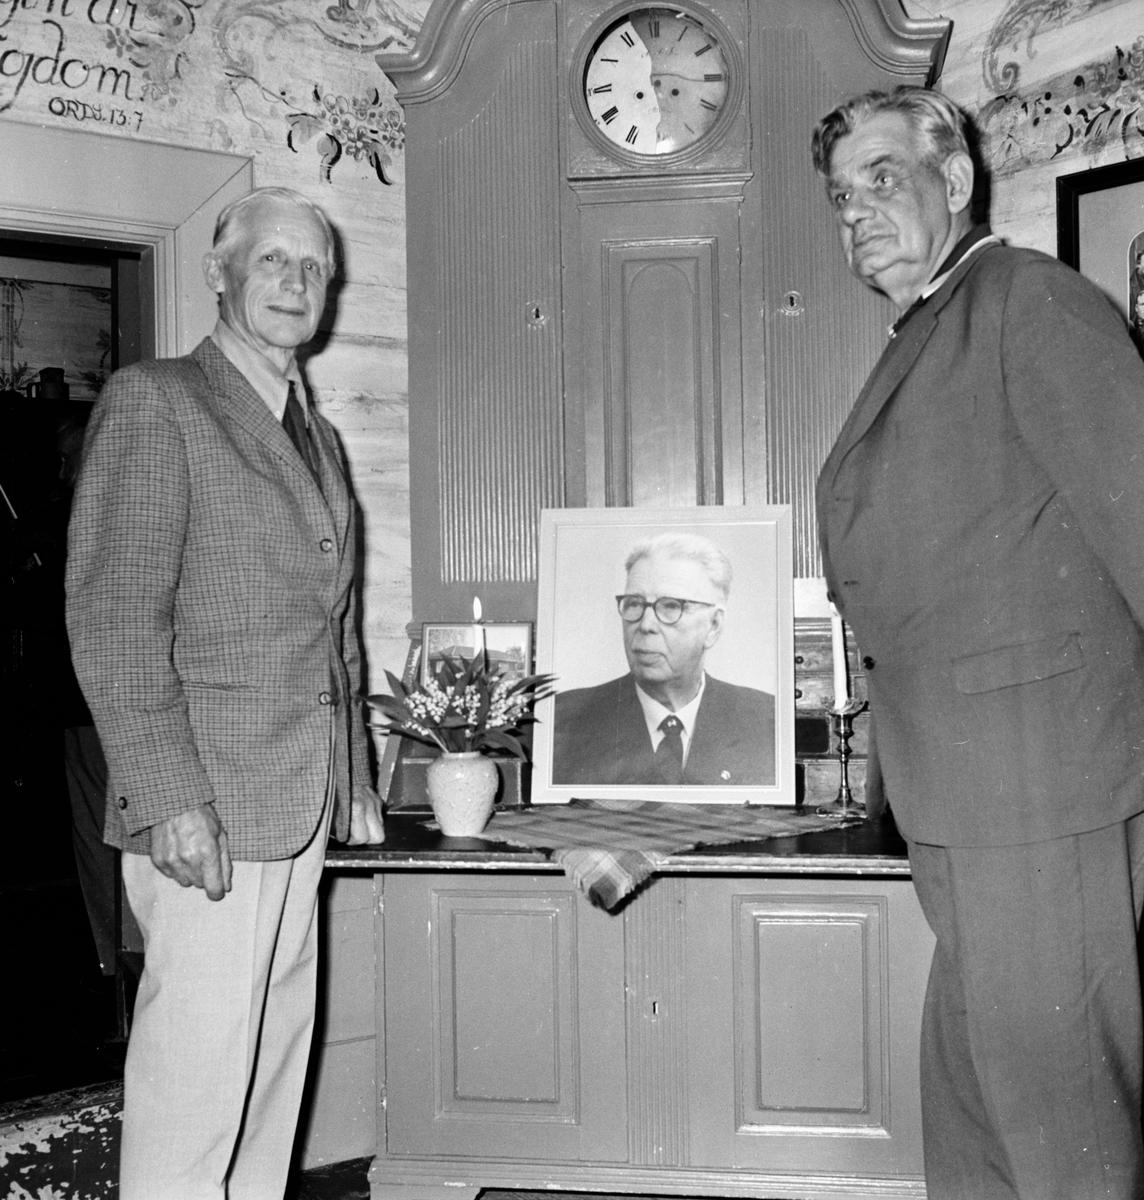 Fornhemmet. Hembygdsföreningens årsmöte. Juni 1972